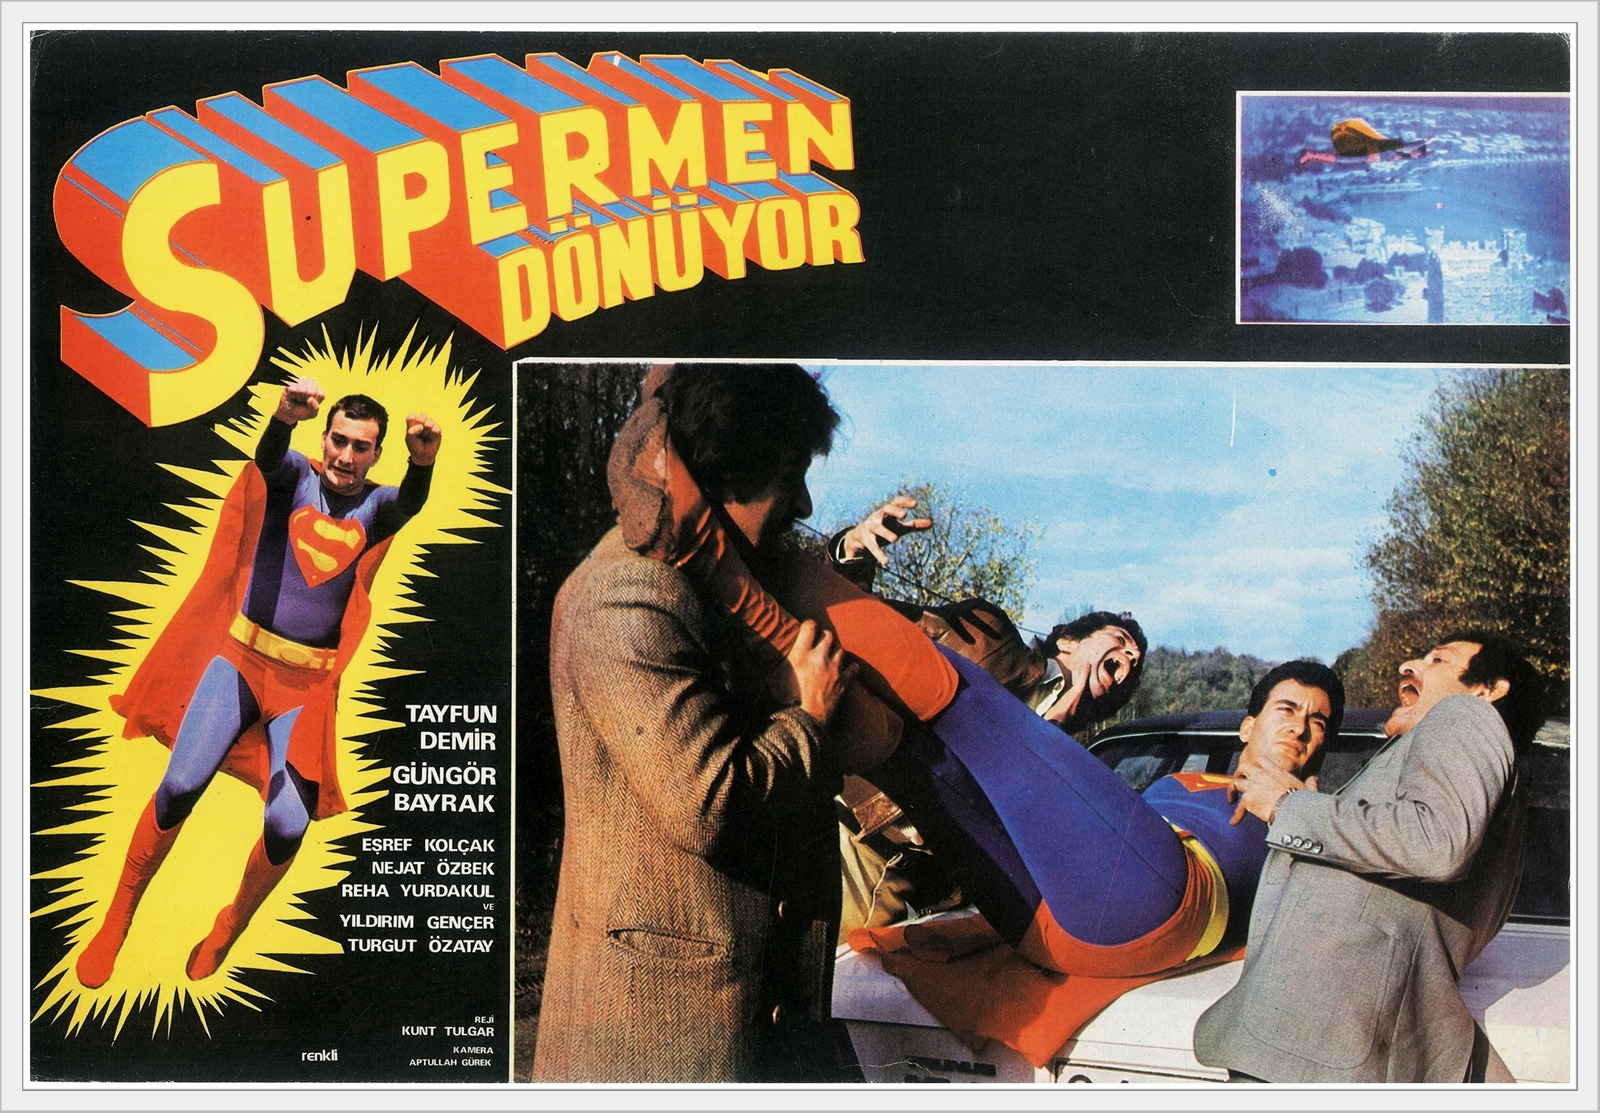 Süpermen Dönüyor002